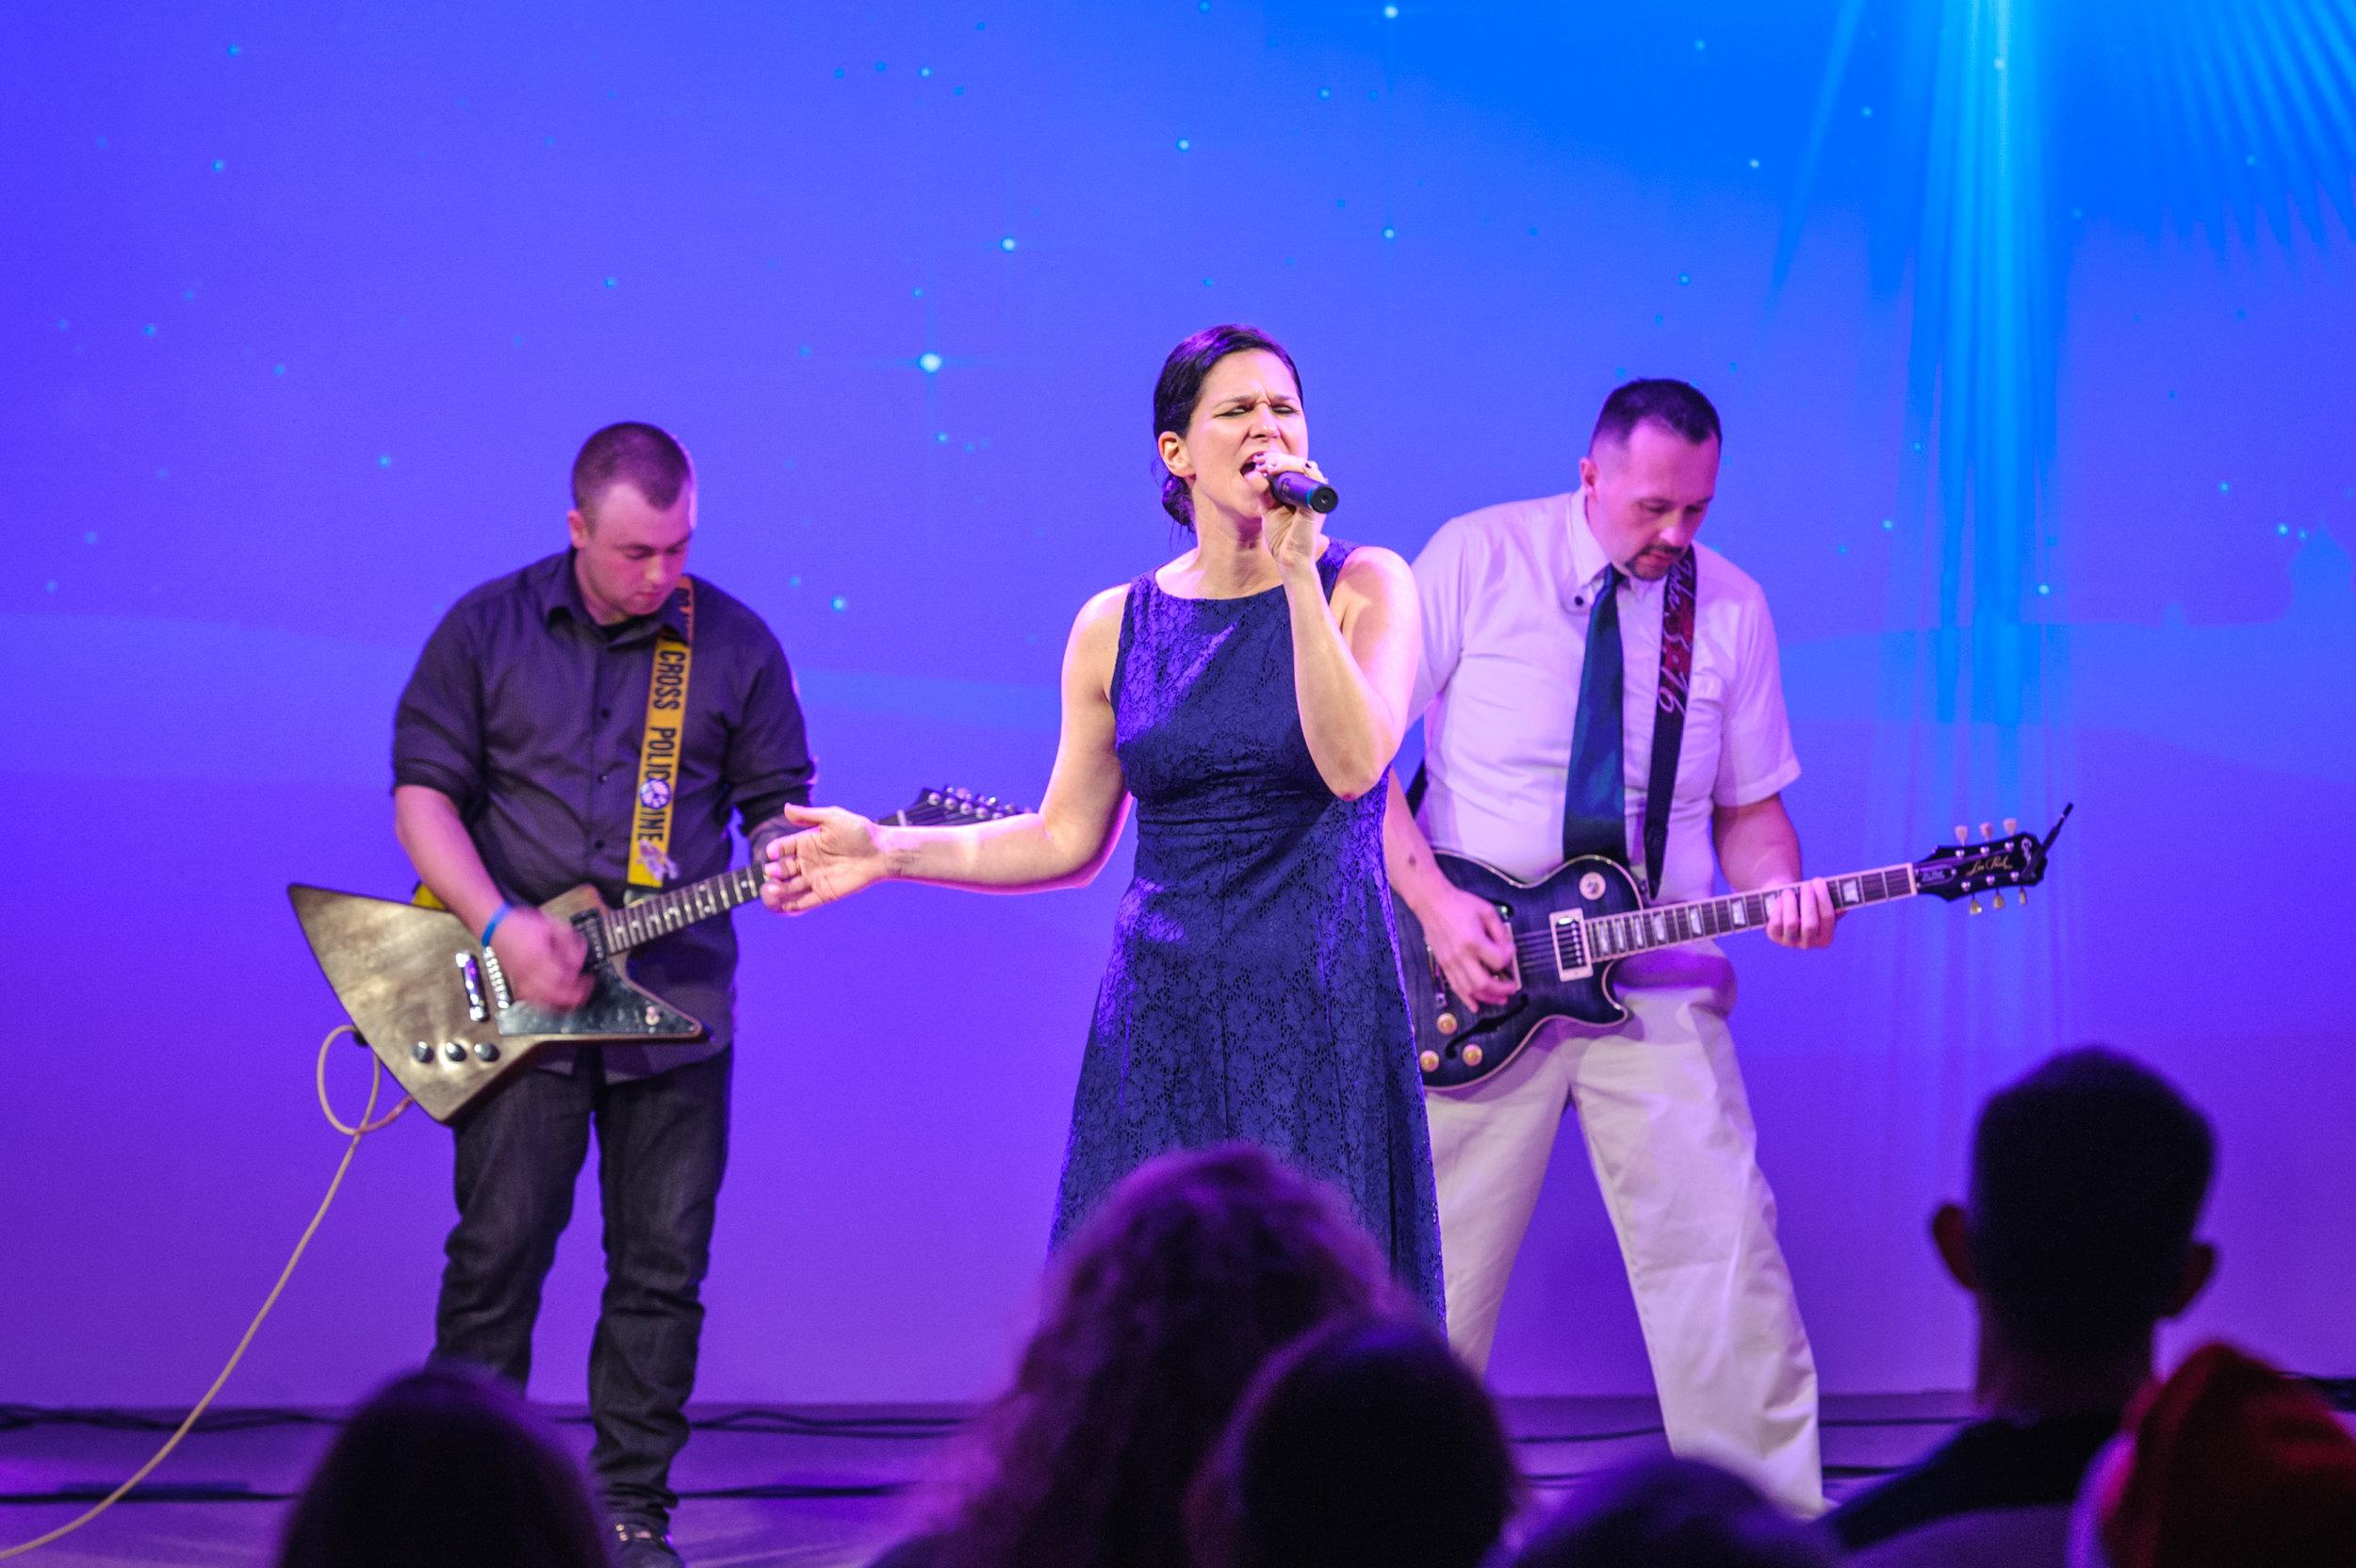 Pic 2 Vicki singing .jpg